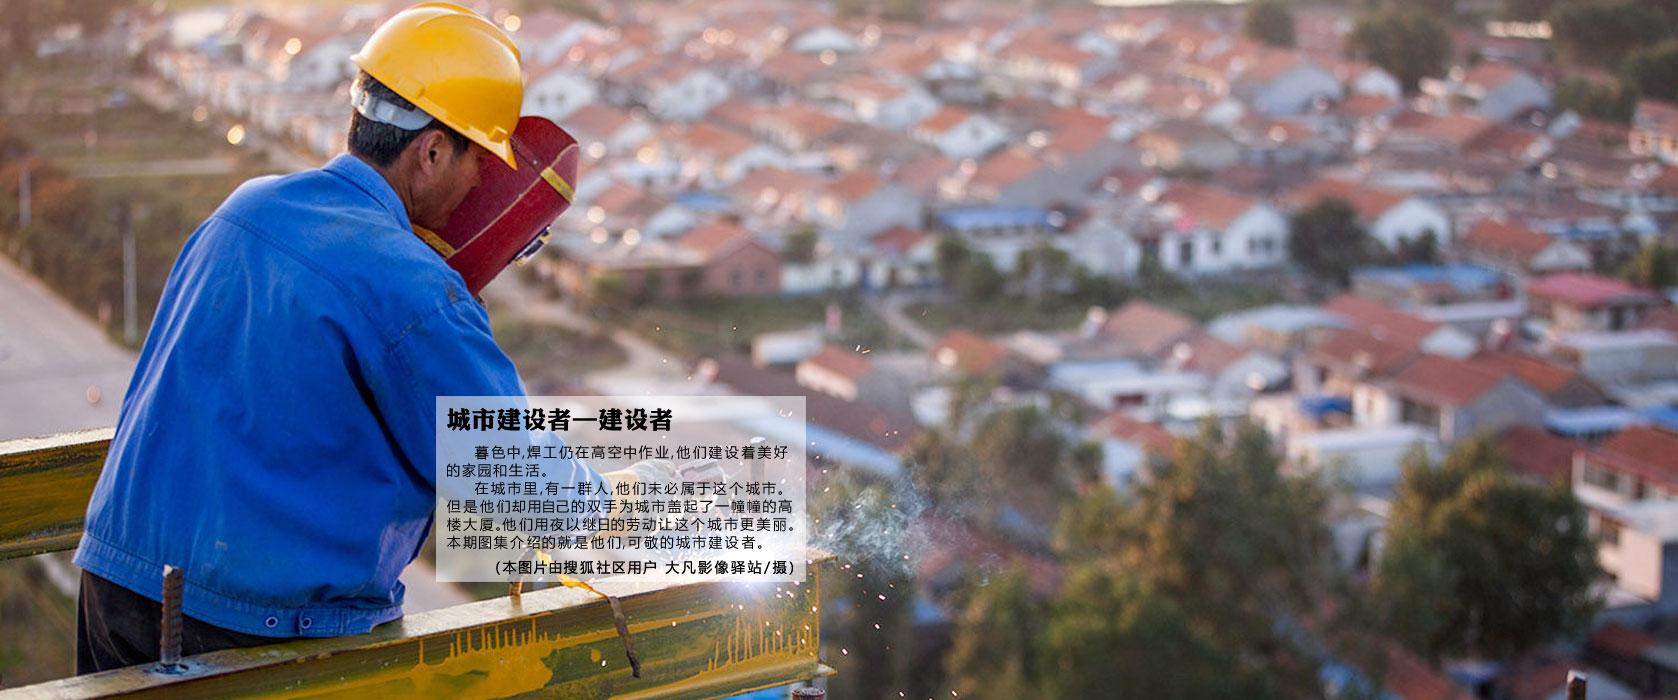 城市建设者—建设者